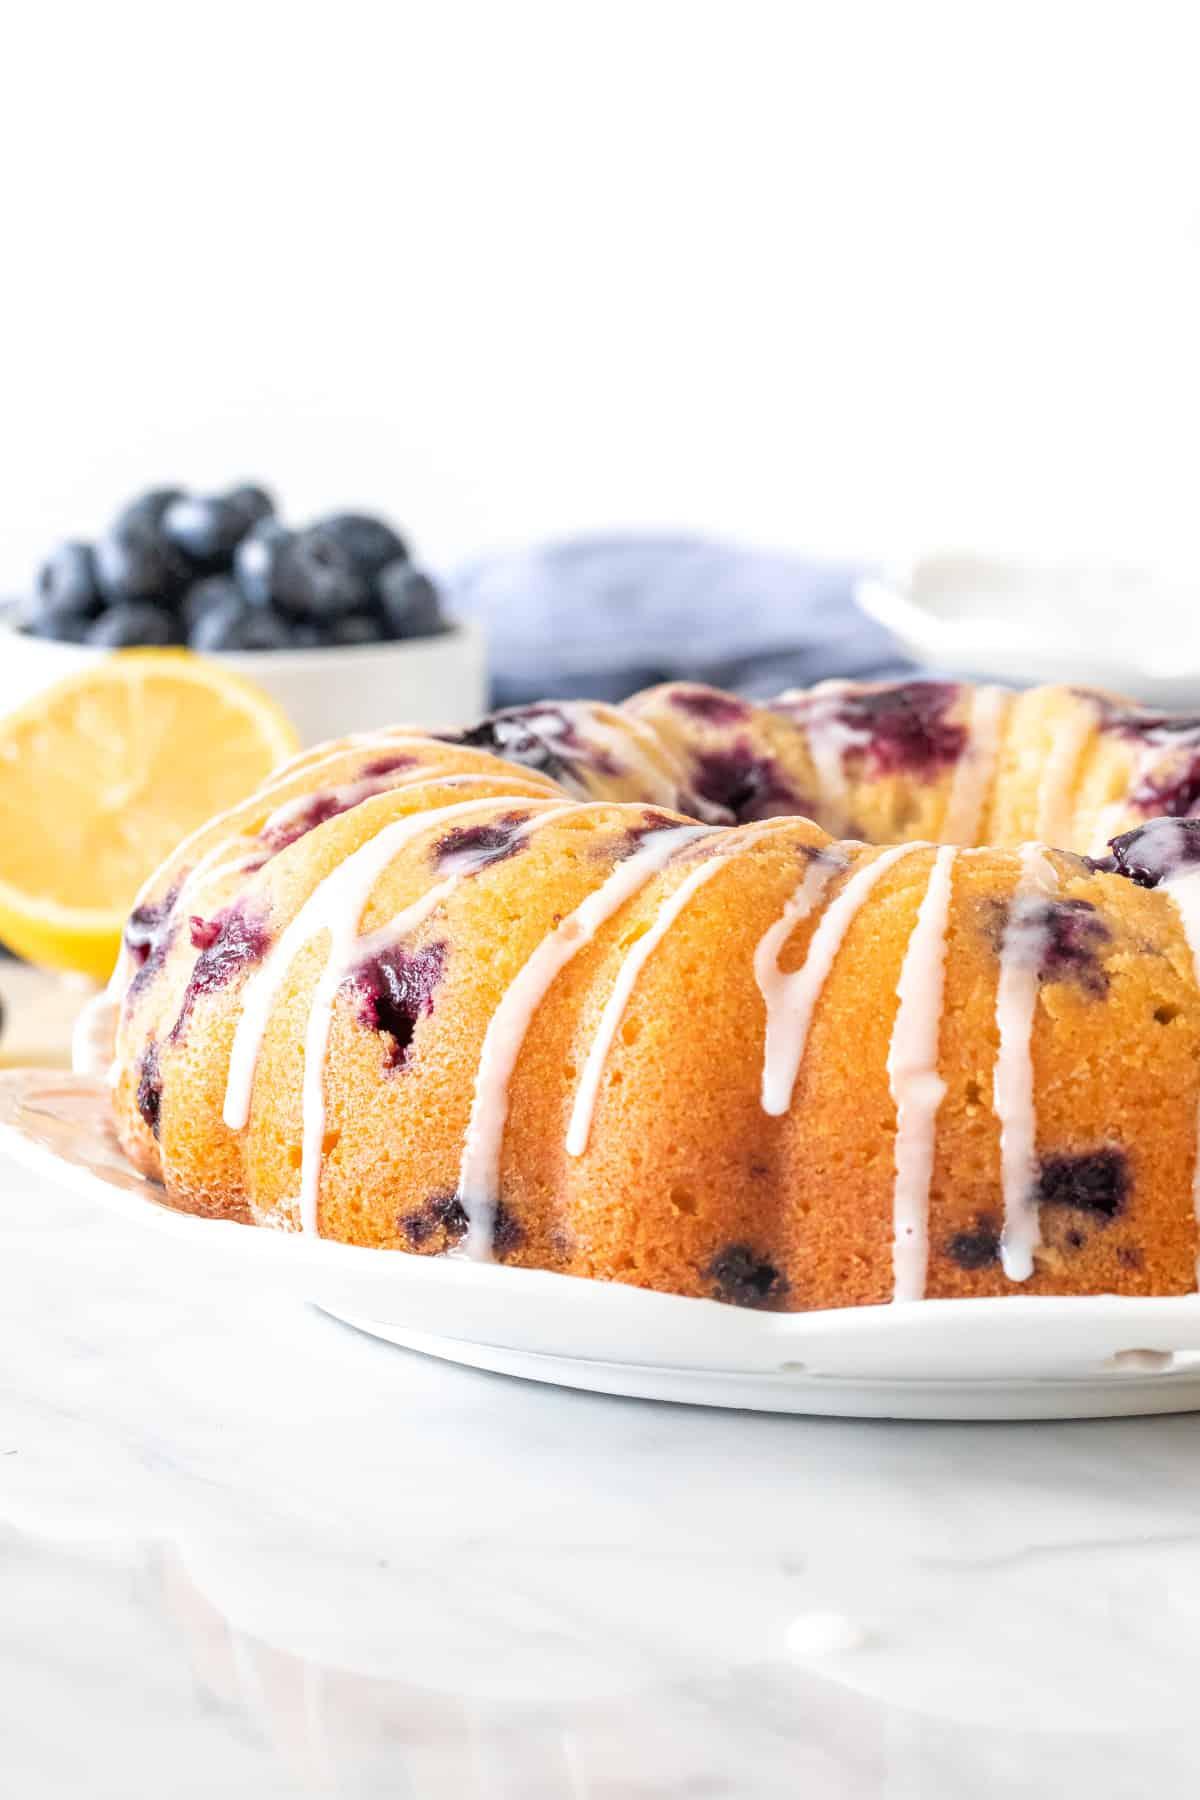 Lemon blueberry bundt cake with a drizzle of lemon glaze